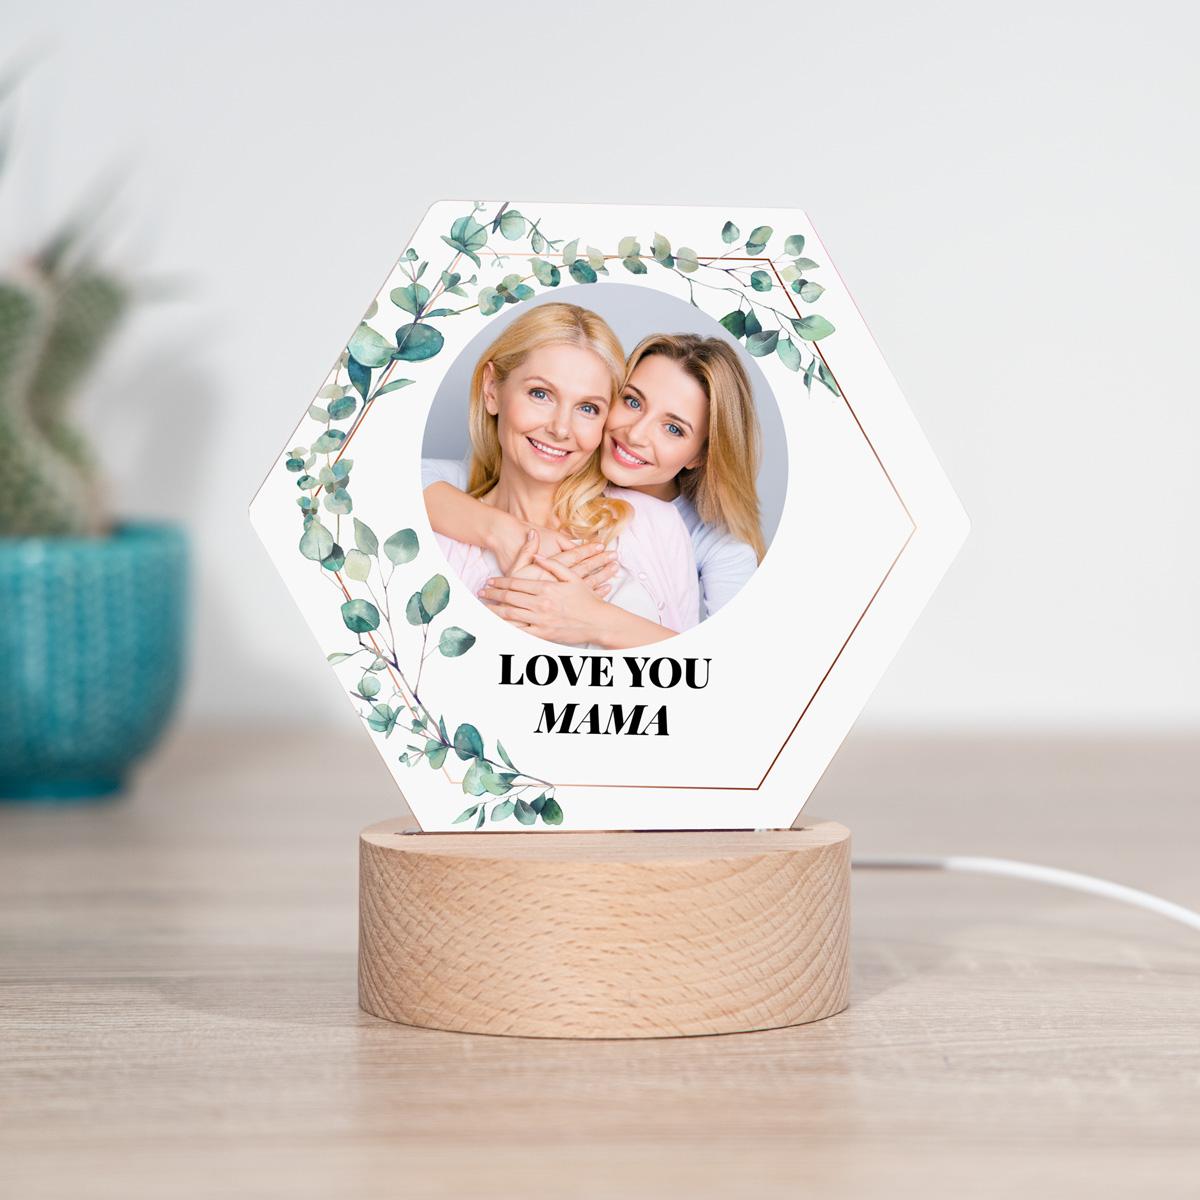 Cadeau voor mama LED lamp bladjes met foto en tekst